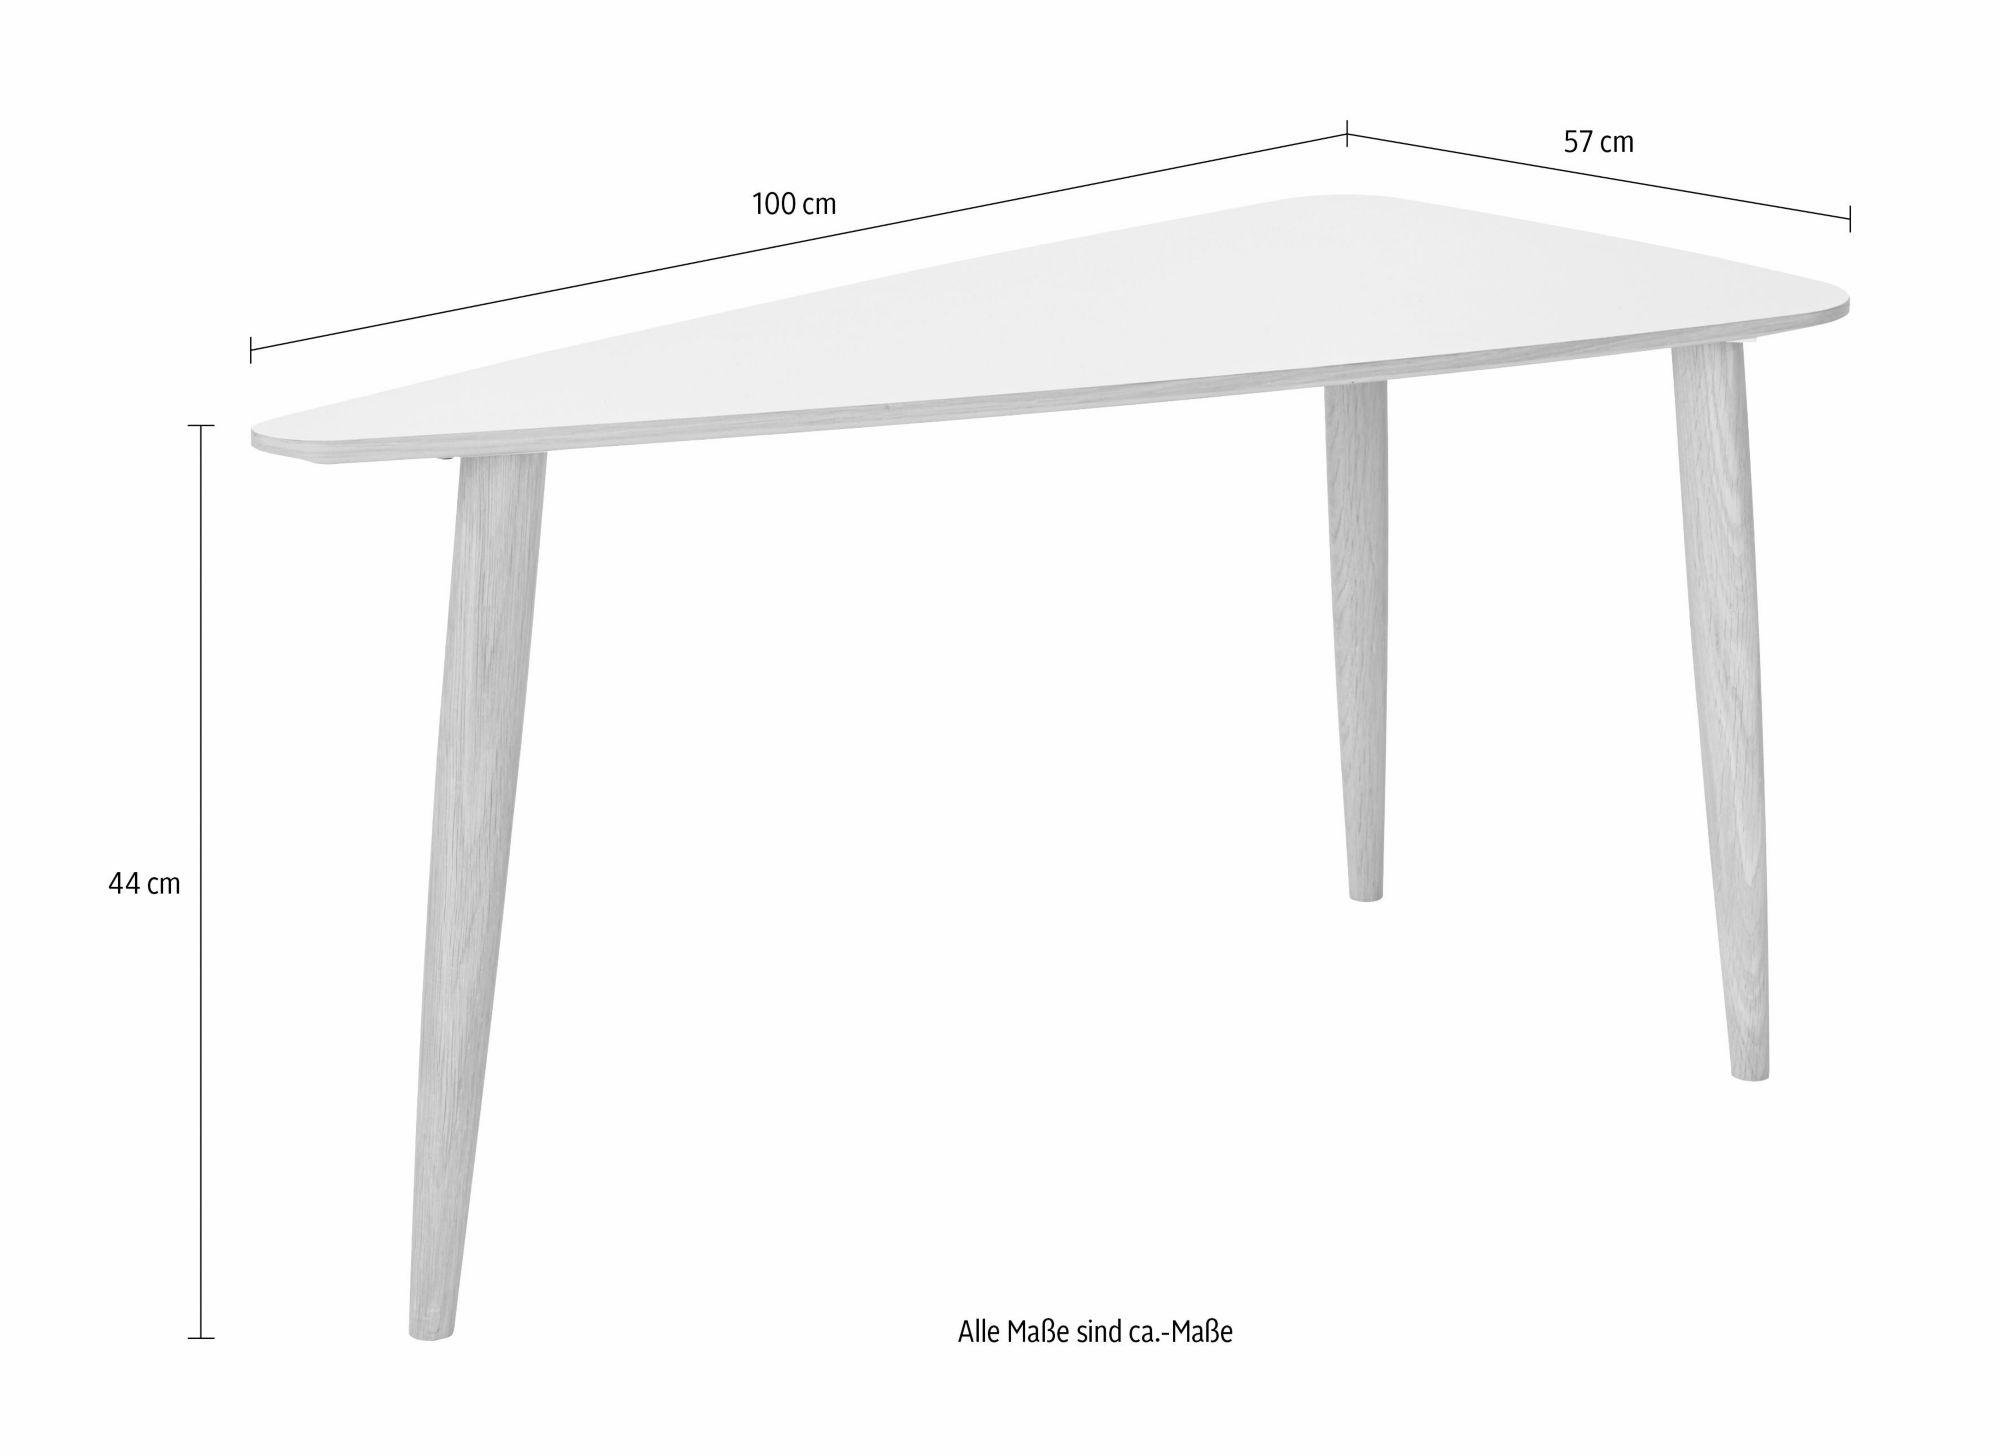 ANDAS andas Couchtisch »Jib«, white oak massiv, mit segelförmiger Tischplatte, in zwei Höhen